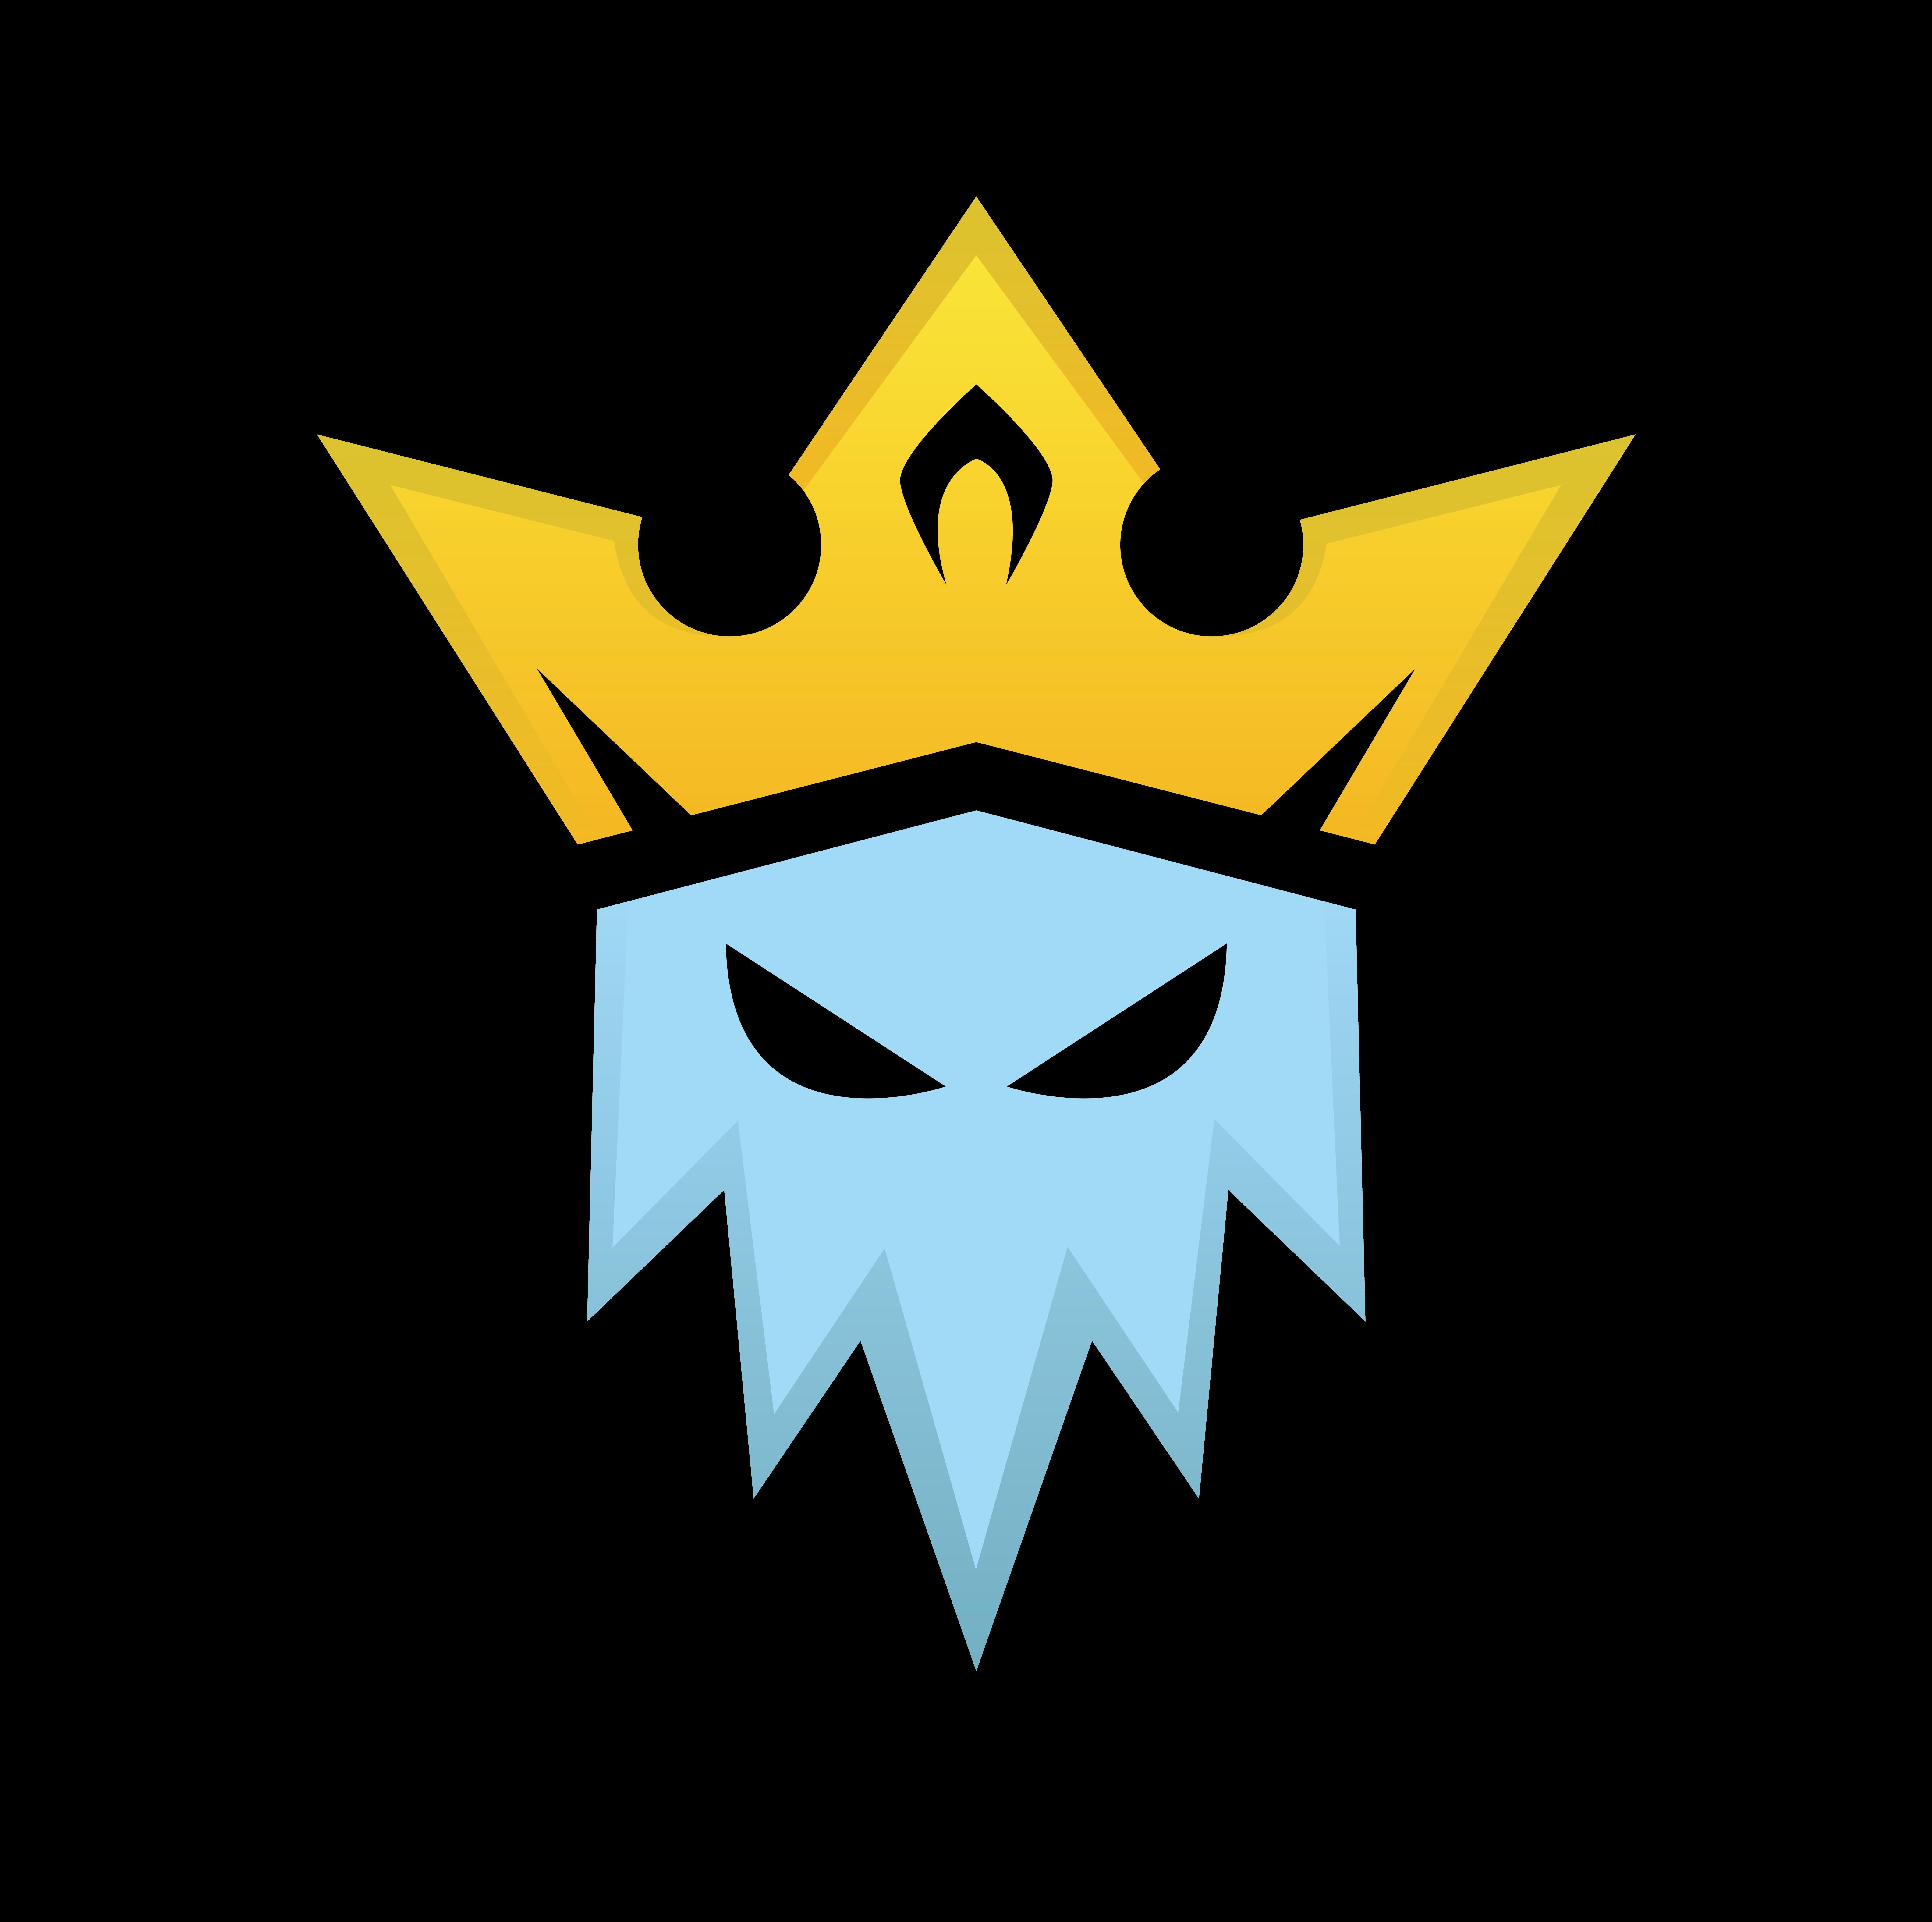 Godalions's logo